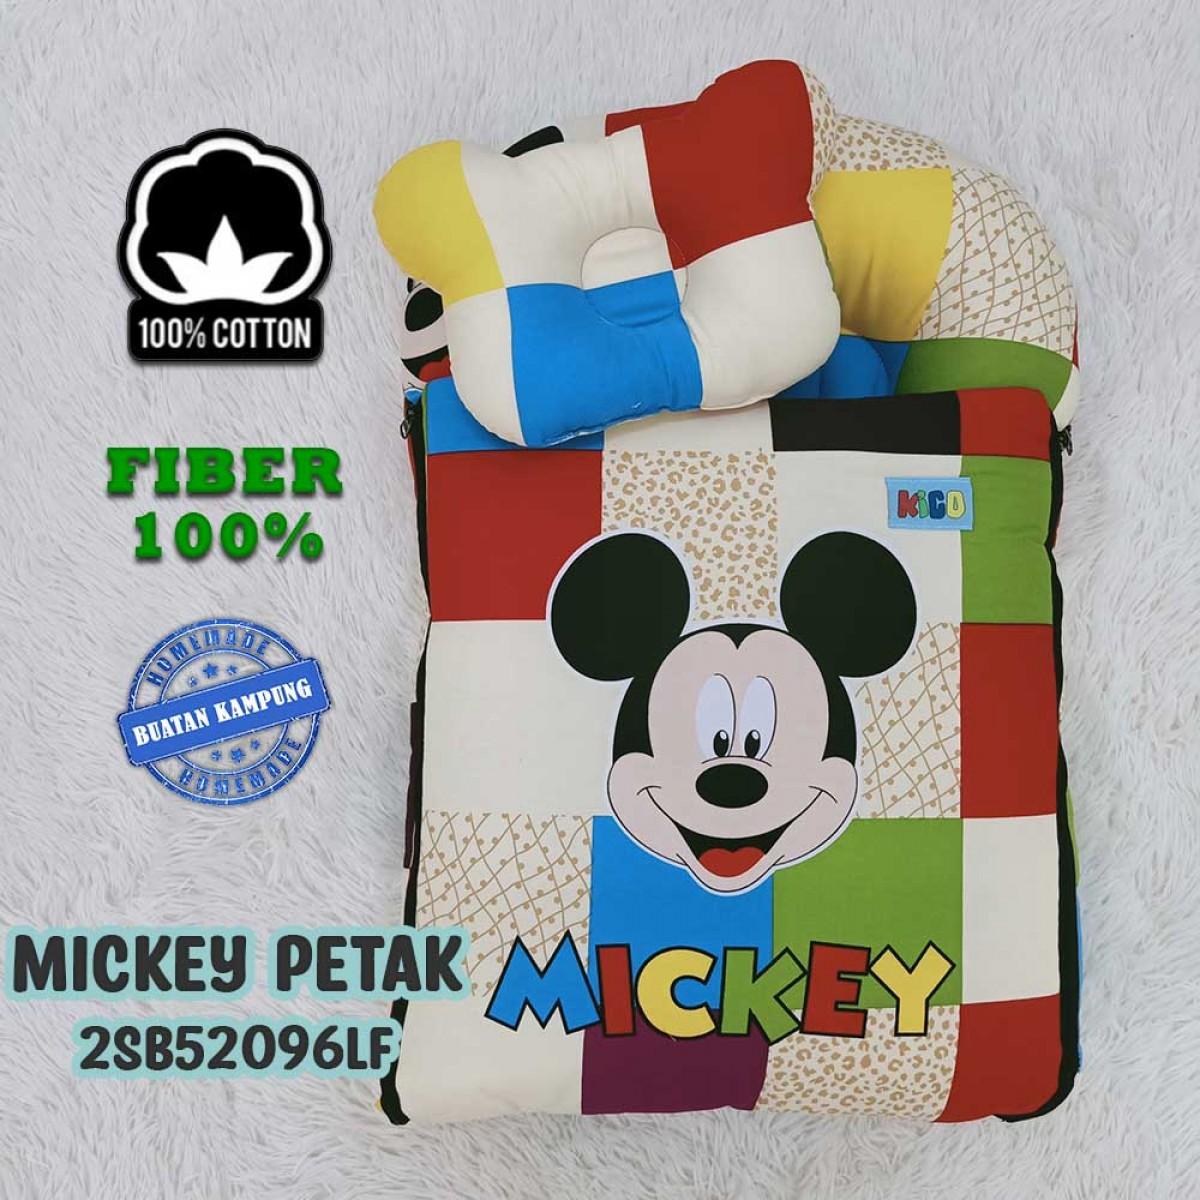 Mickey Petak - Kico Baby Center